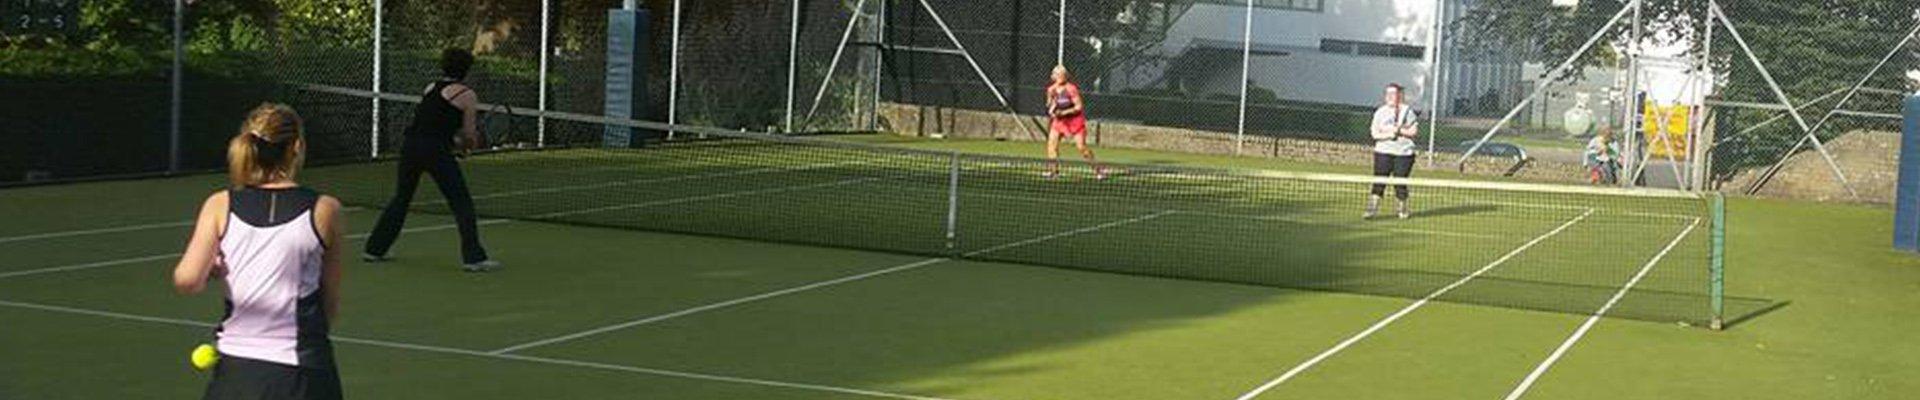 tenniskillenhome4.1